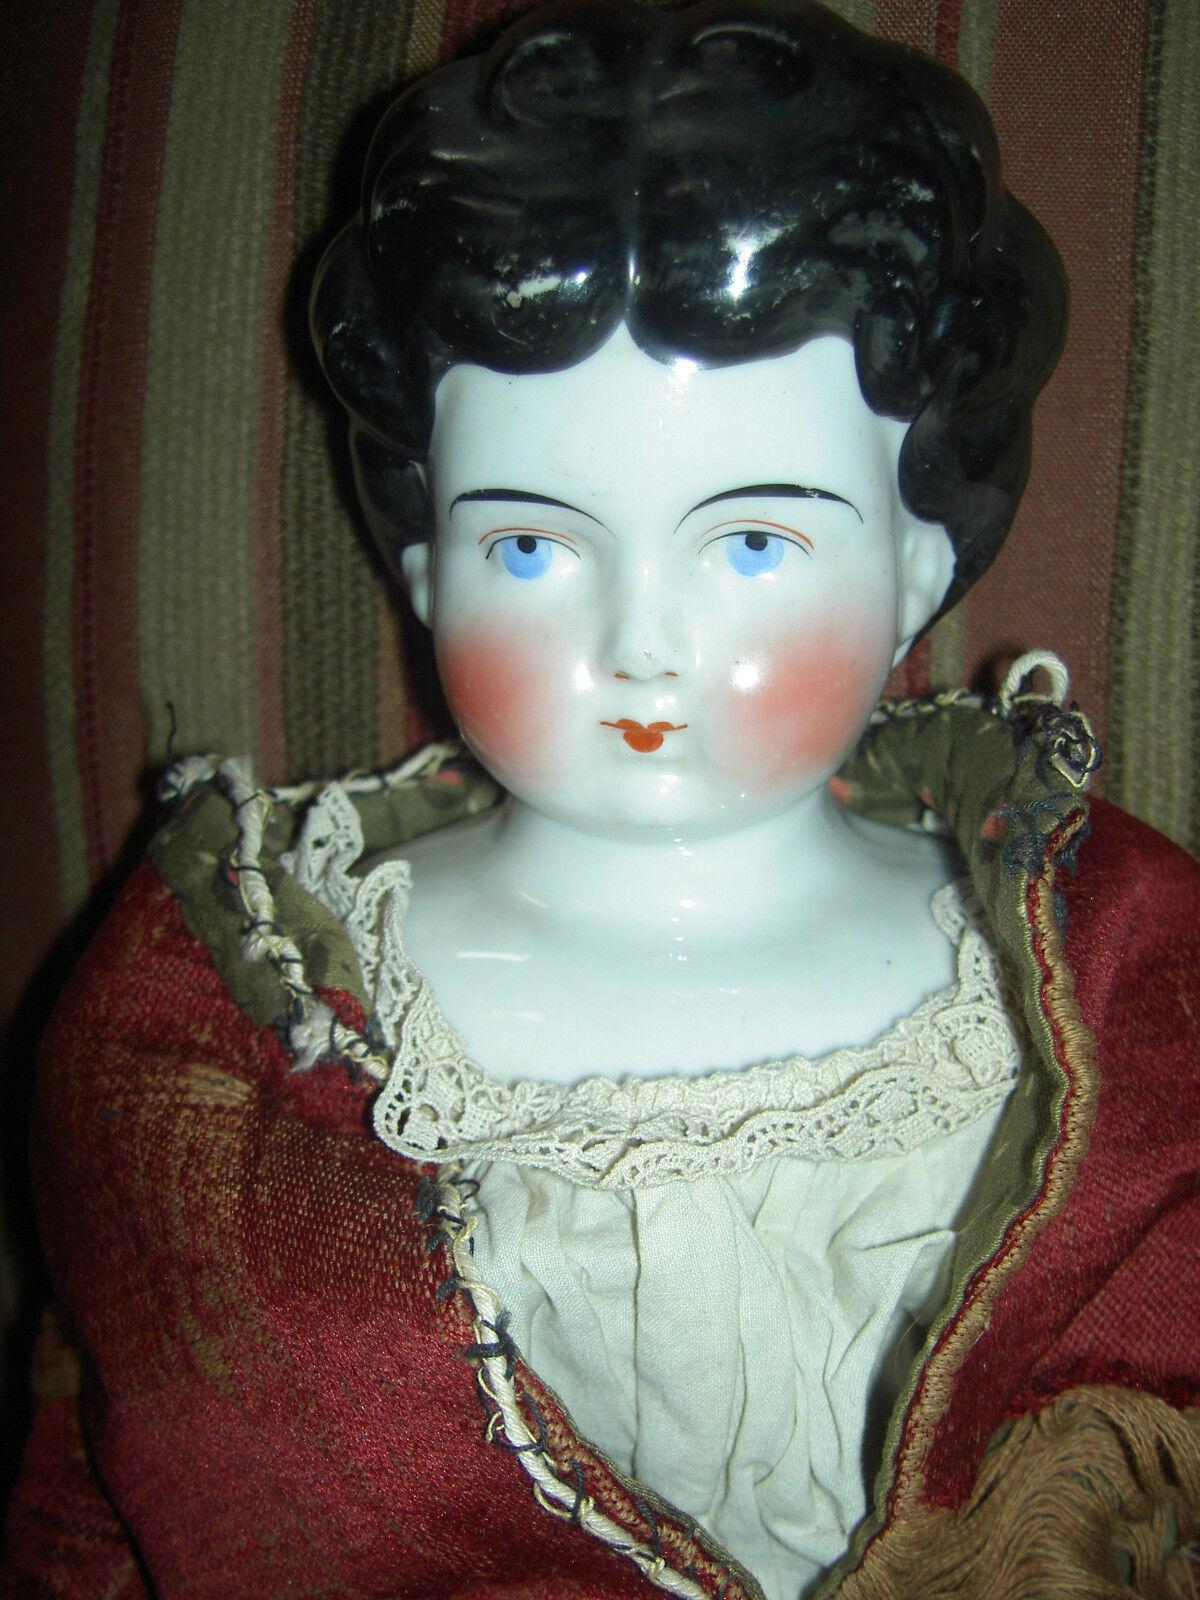 Hermosa 22  de alto, Alemán Antiguo Muñeca De Porcelana, Morena Baja frente, ligeramente converdeido